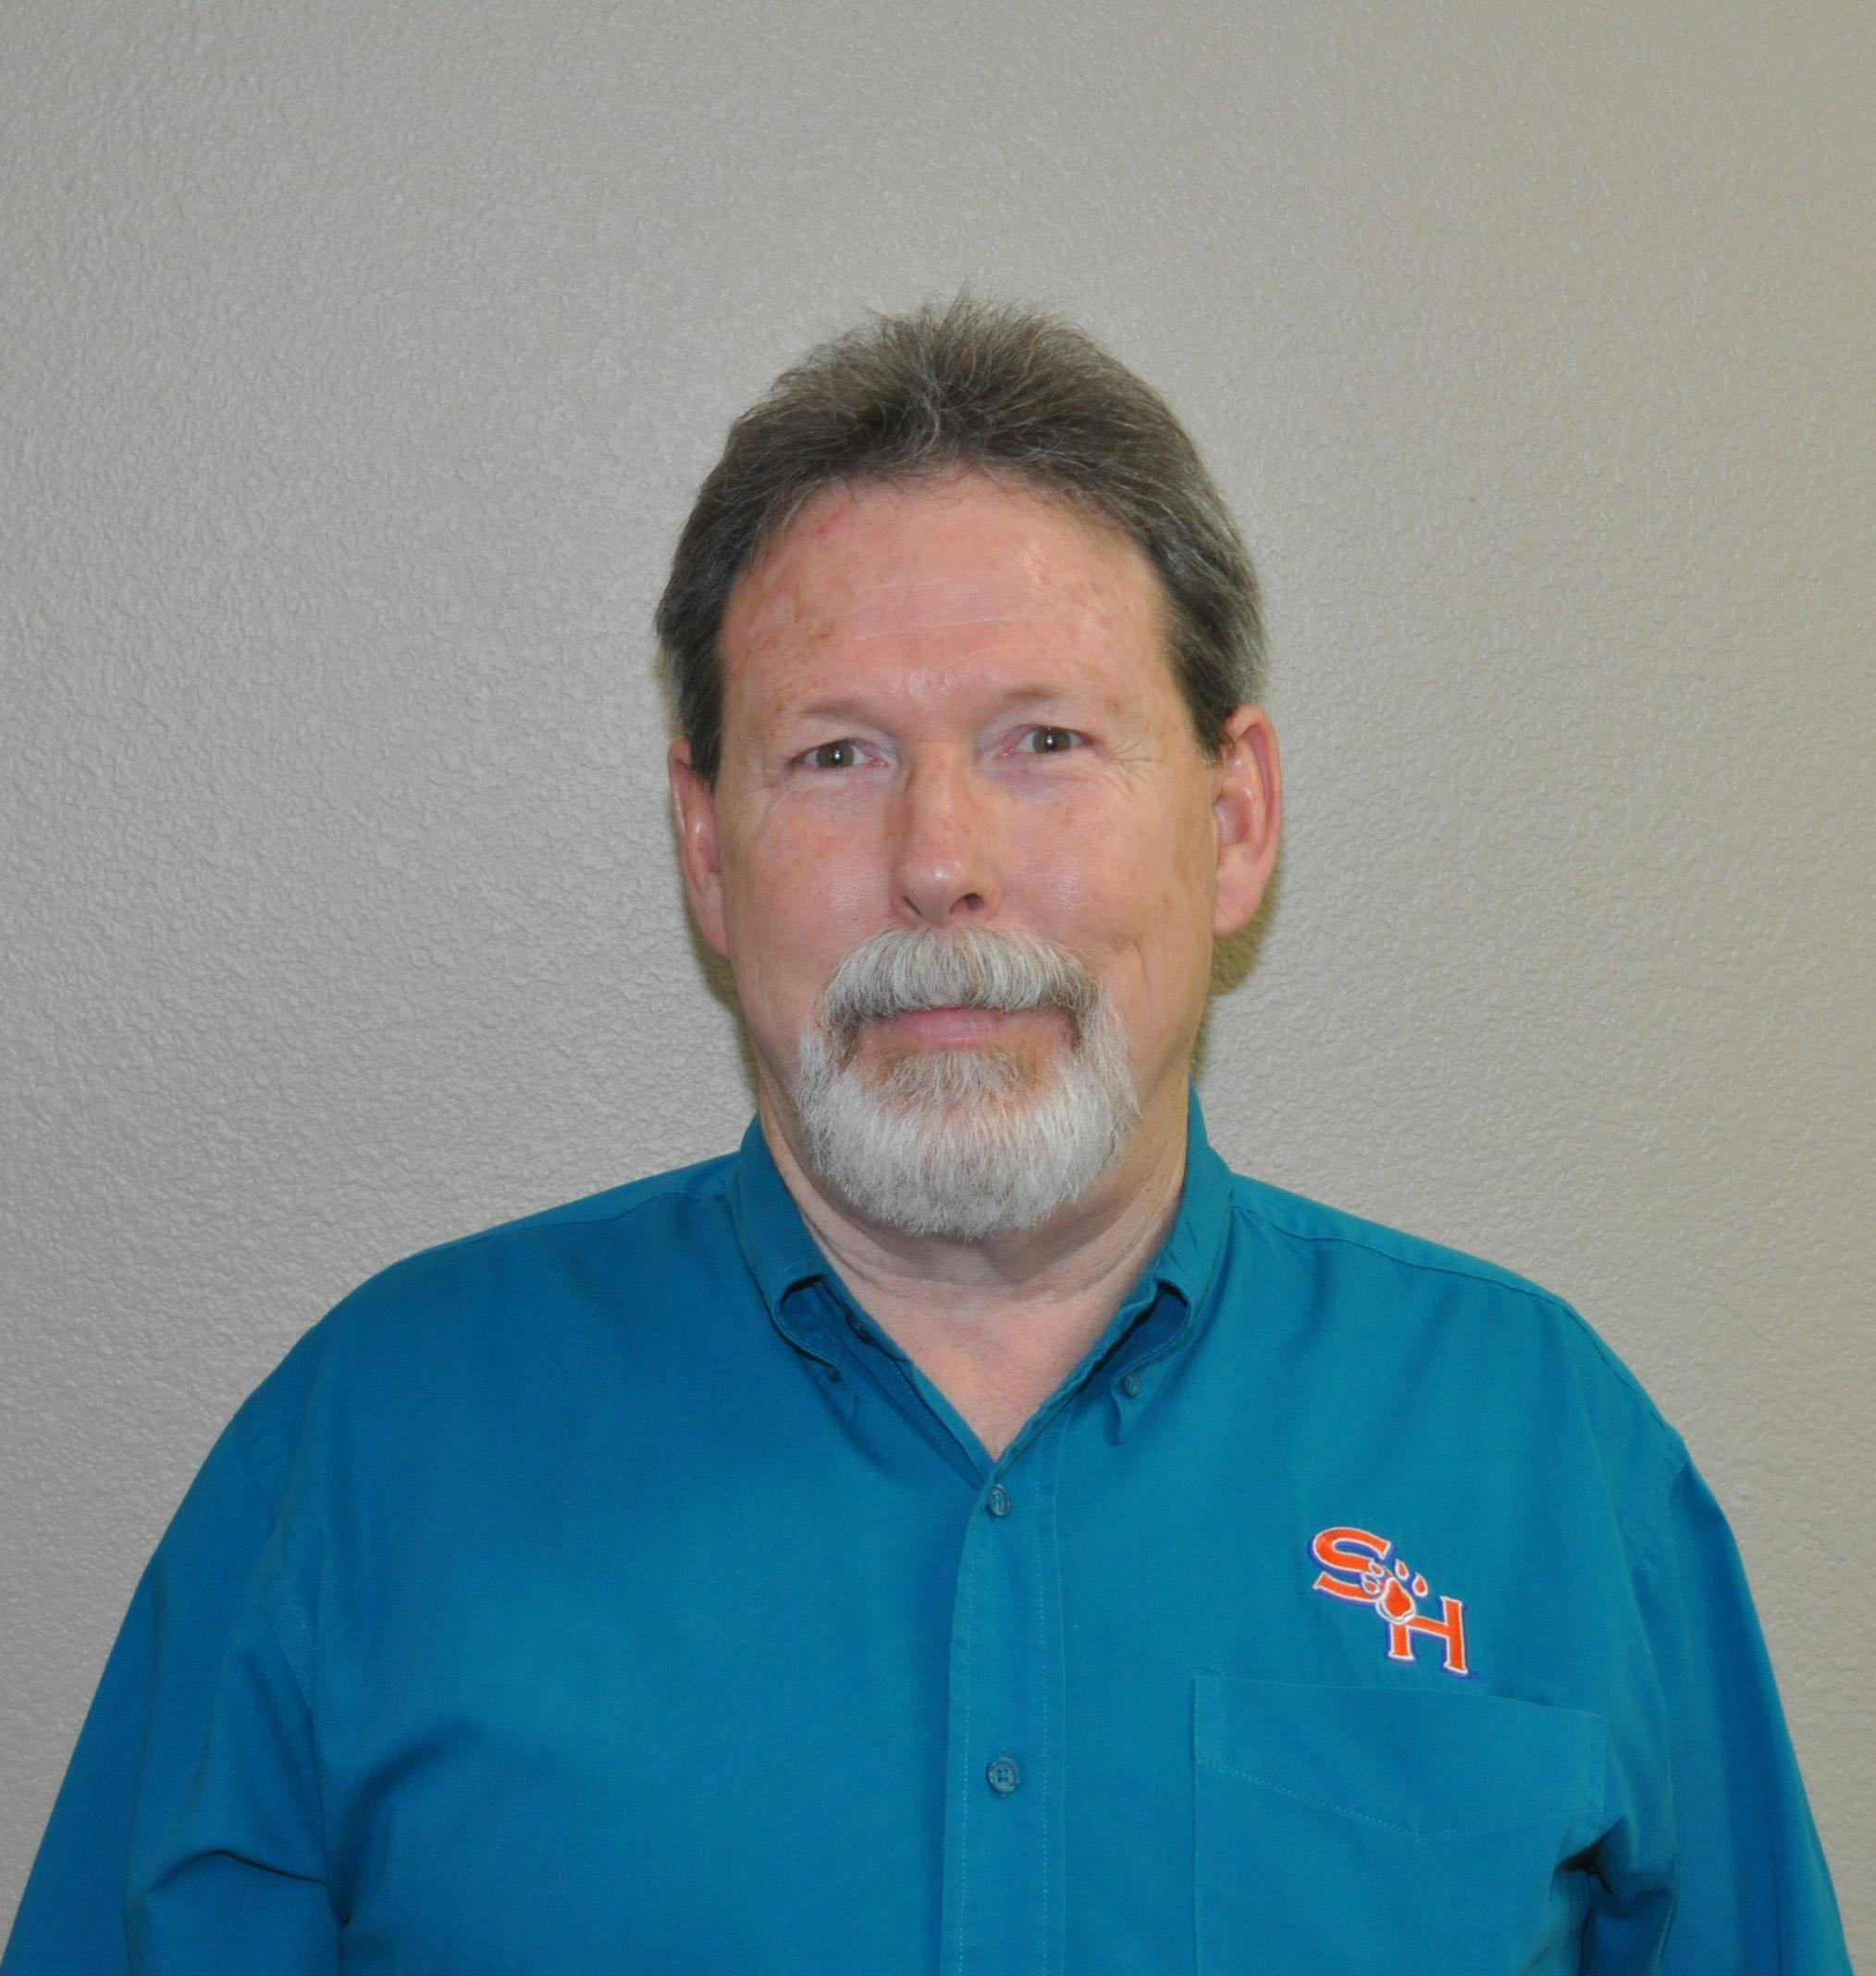 Jeff Vienneau